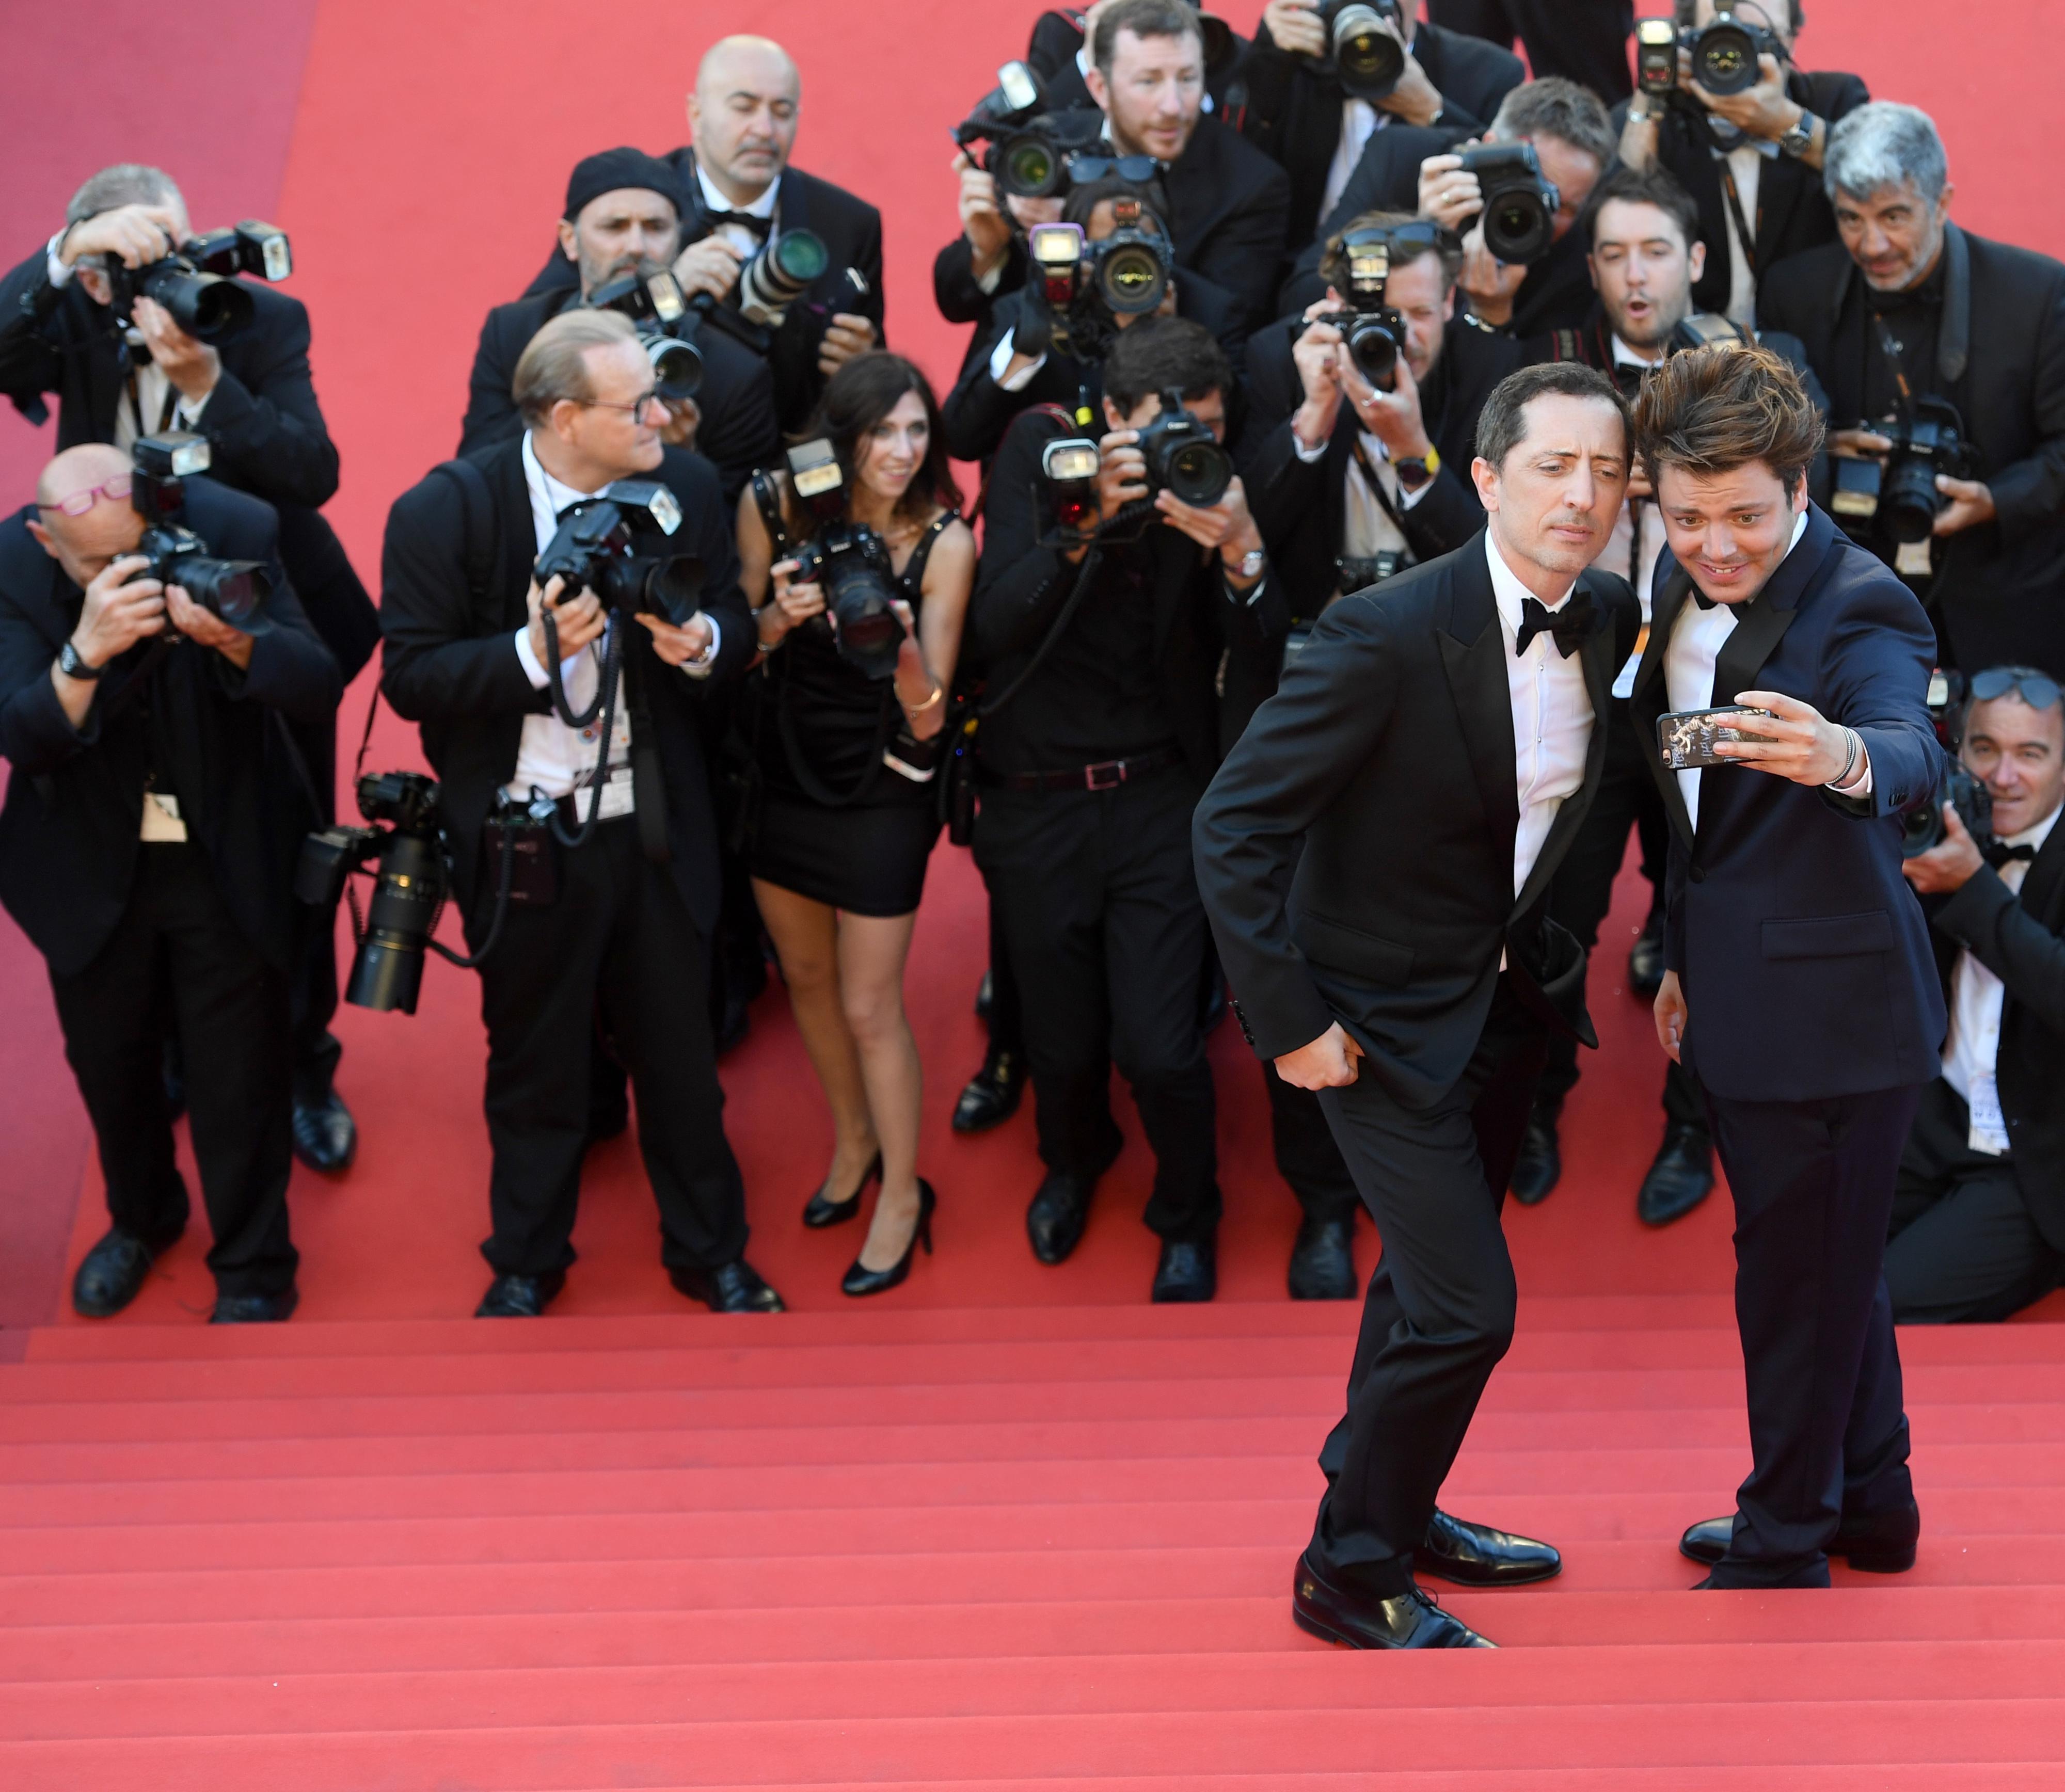 """Festival de Cannes acaba com selfies e """"protege"""" filmes dos críticos"""